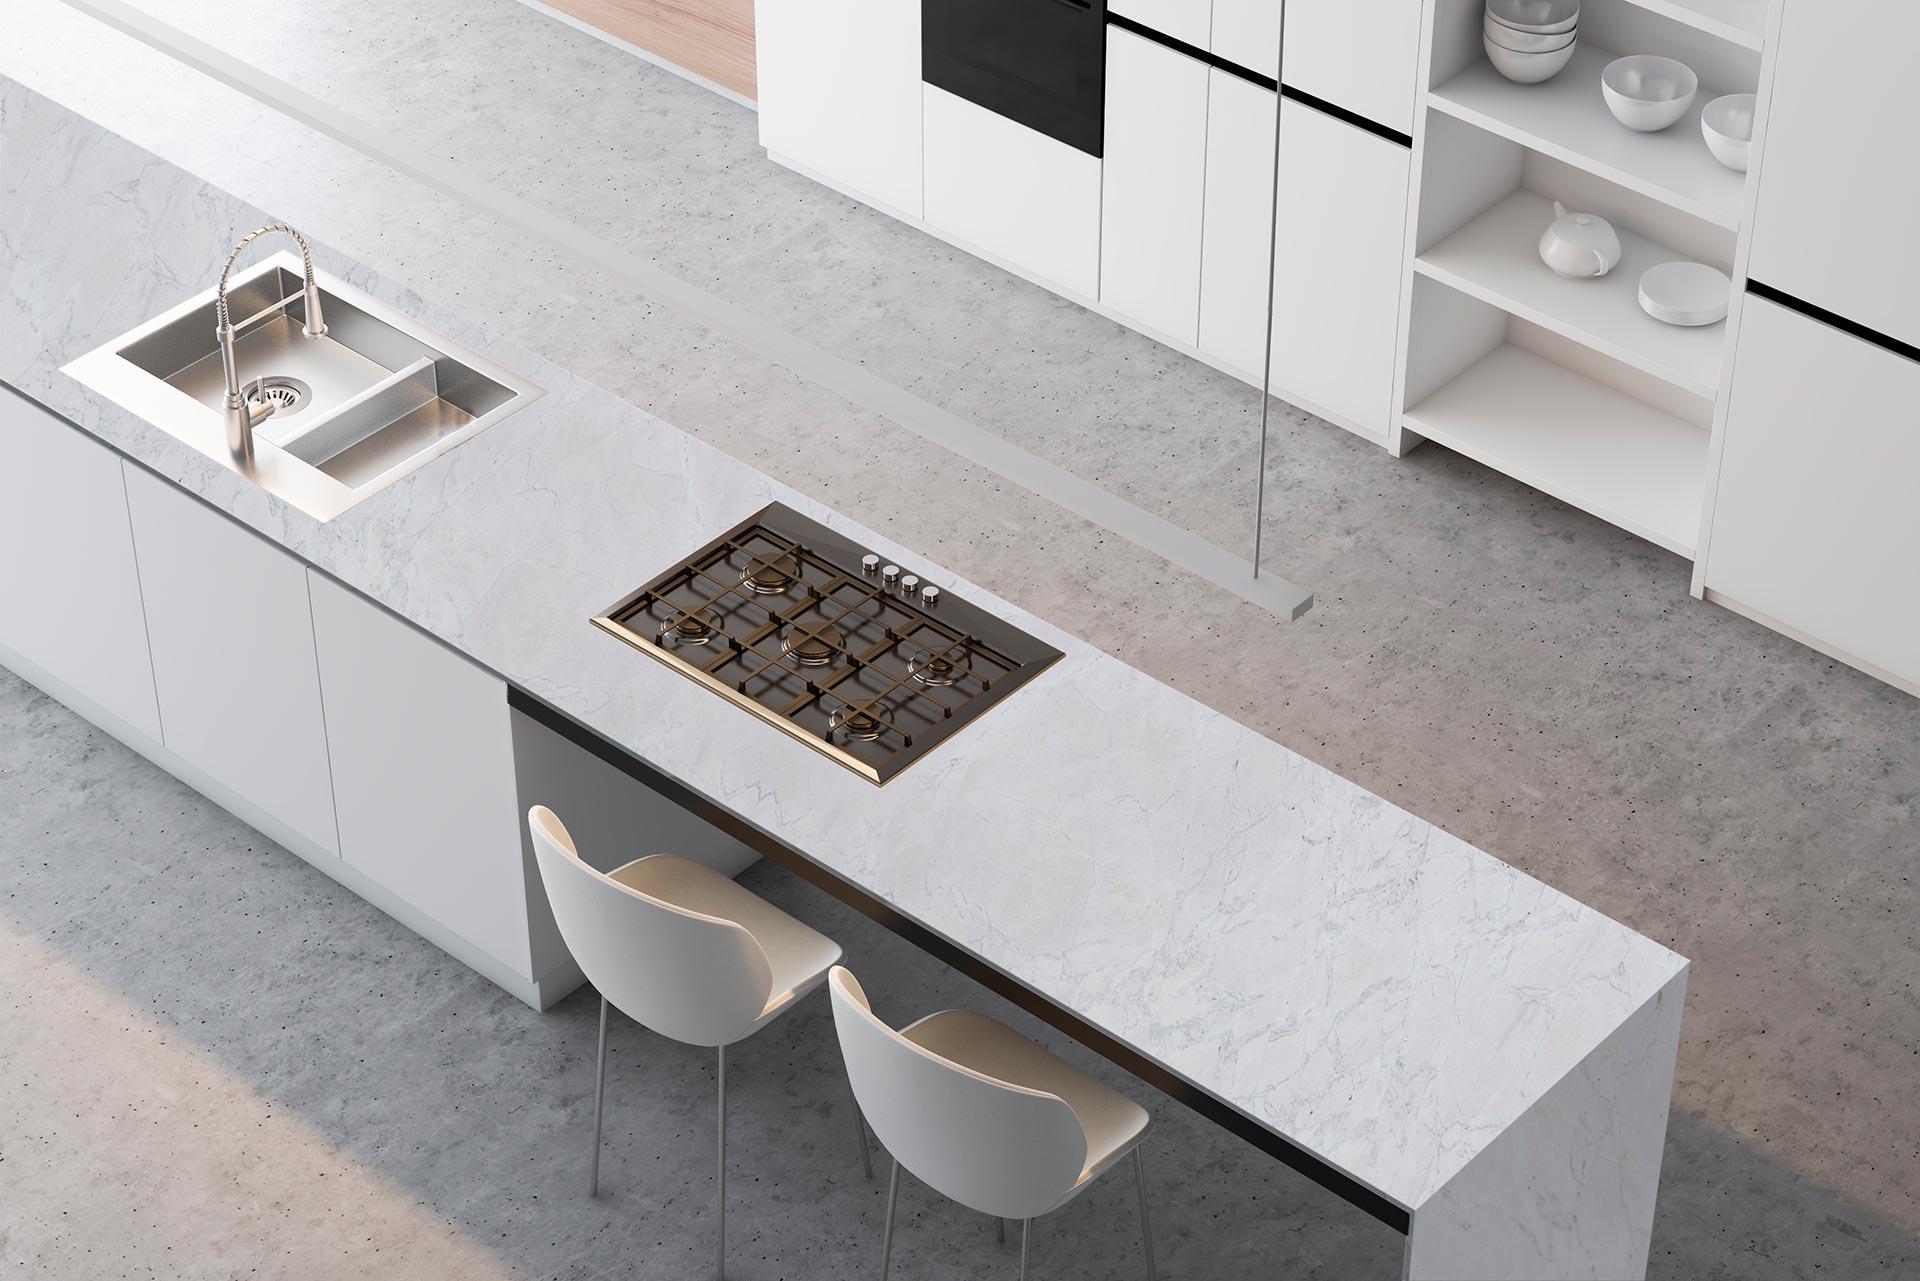 marble novulato grigio countertop